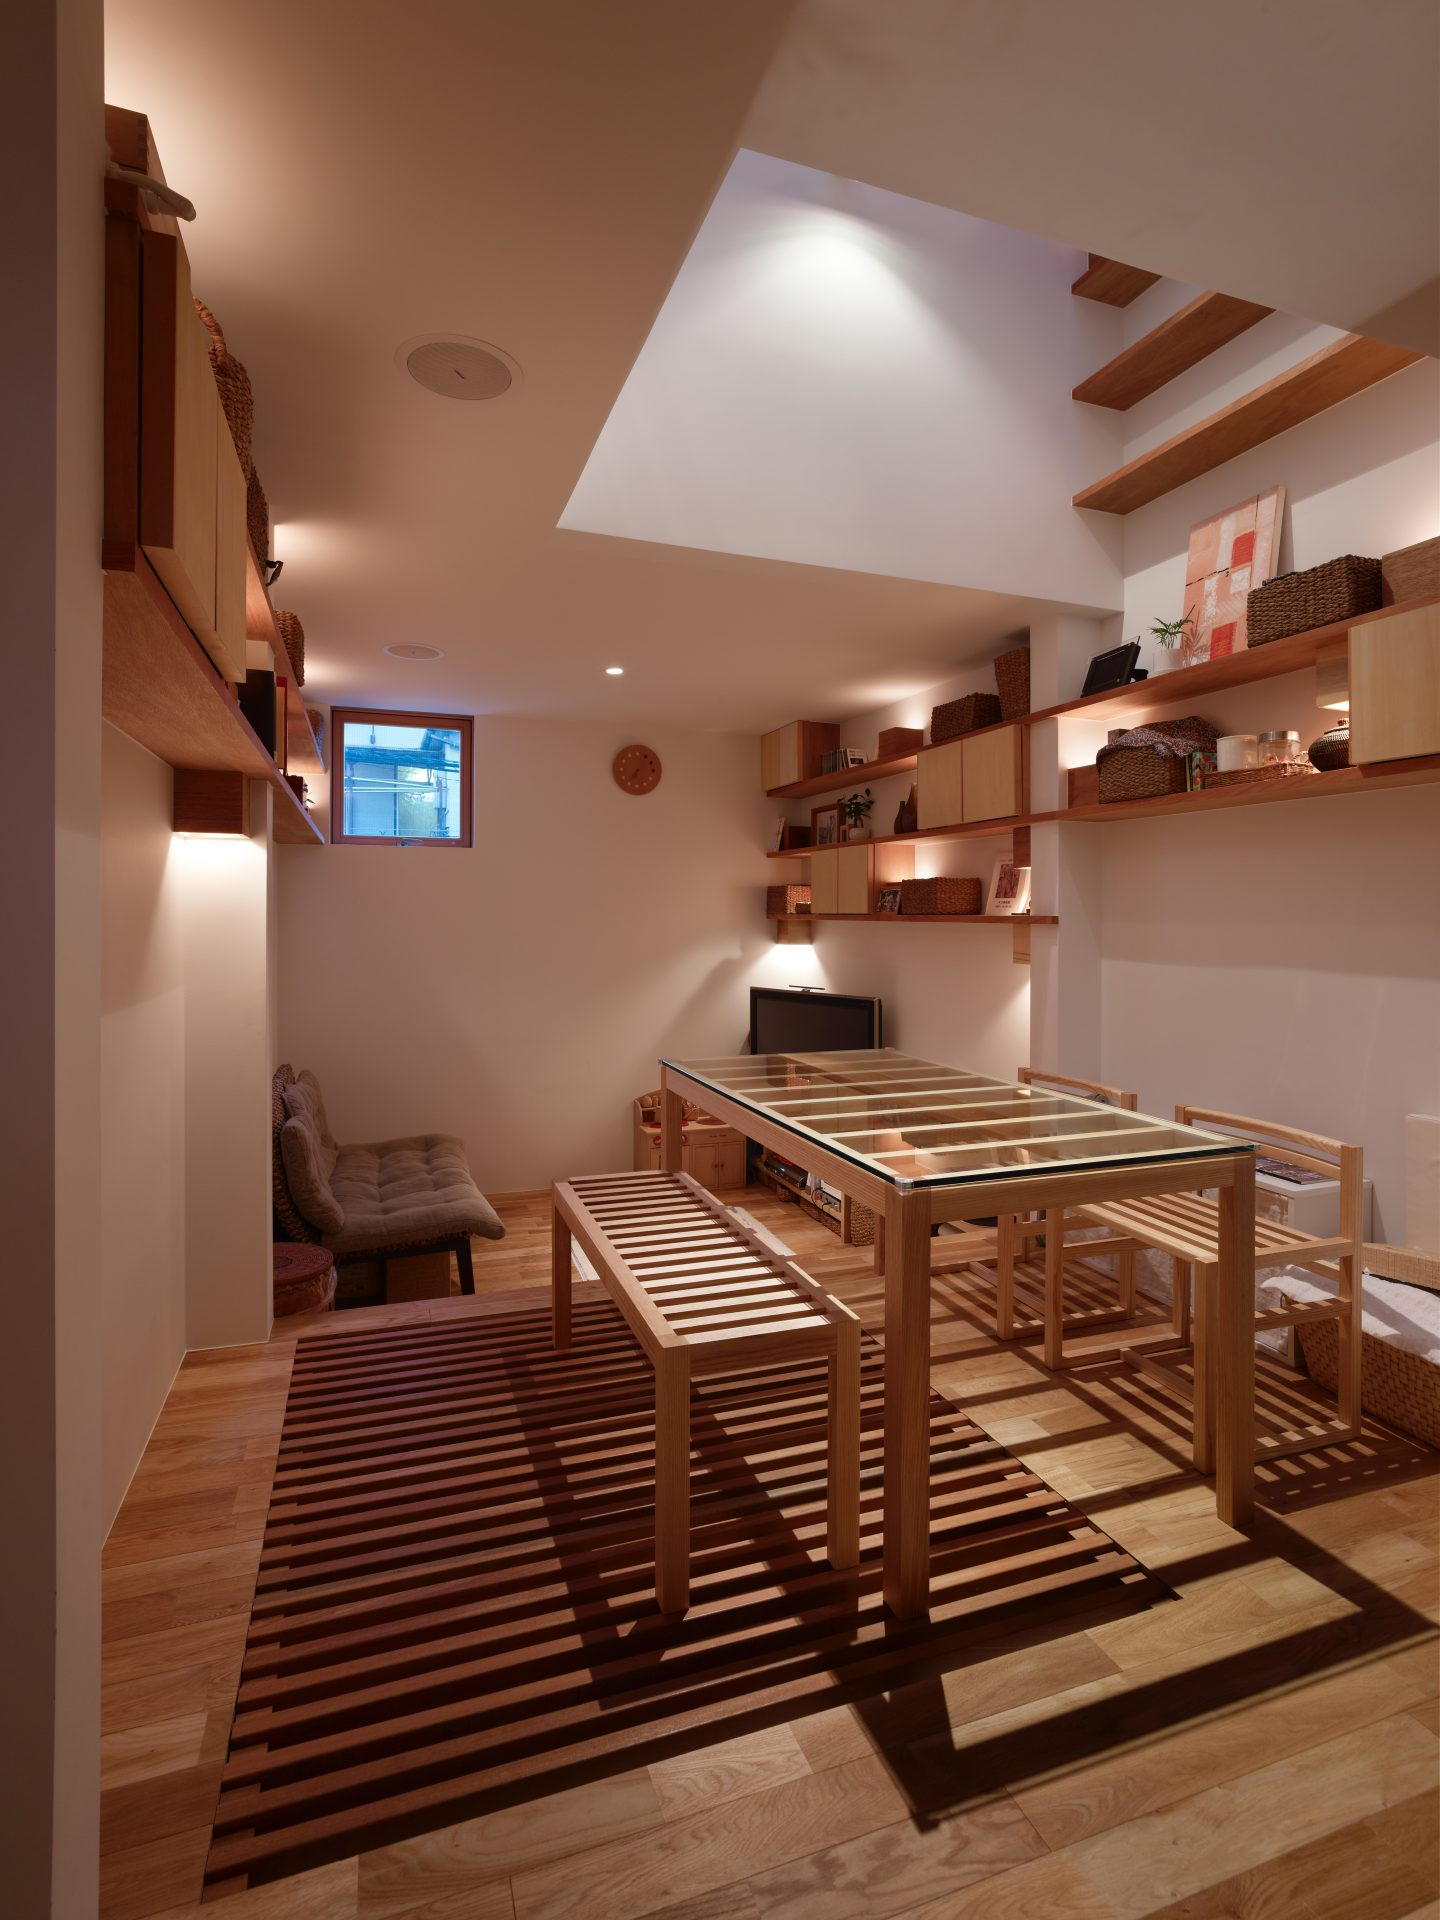 兵庫神戸の小さな家のダイニング(夜景)